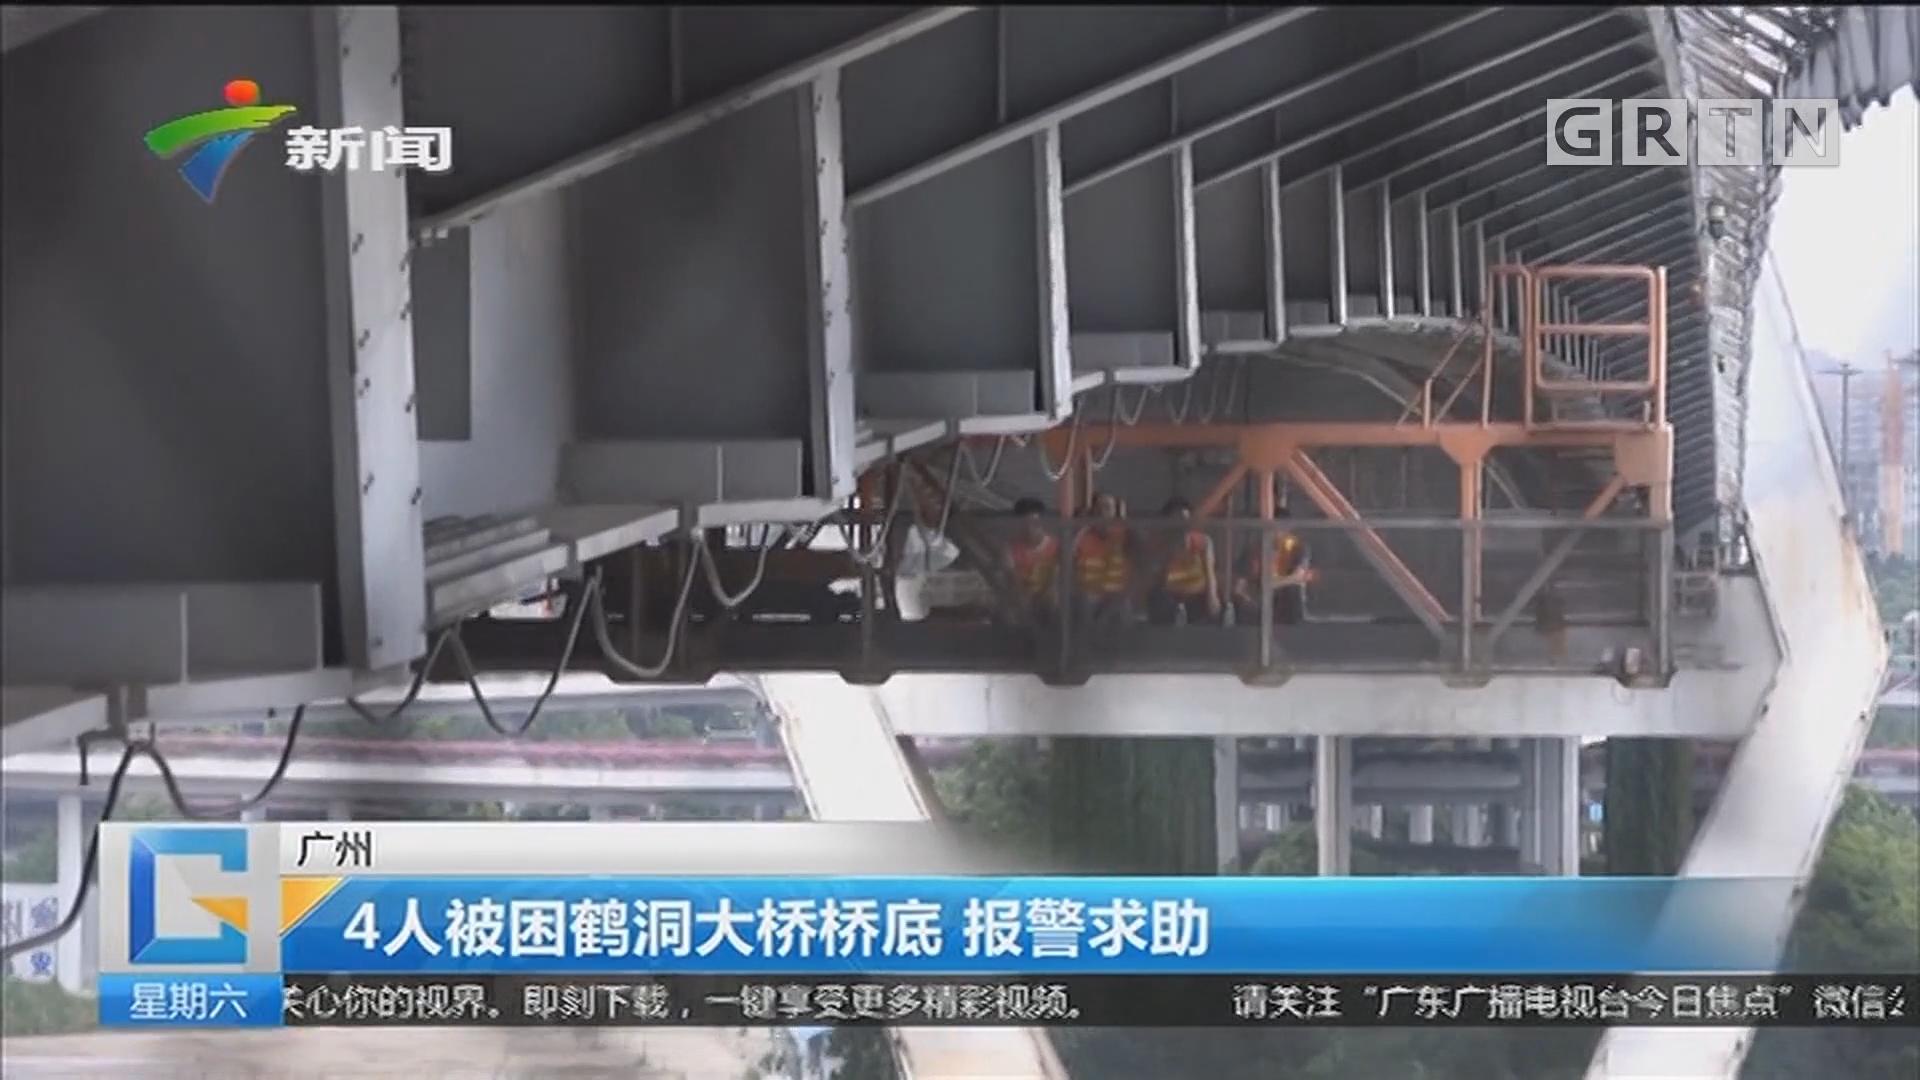 广州 4人被困鹤洞大桥桥底 报警求助